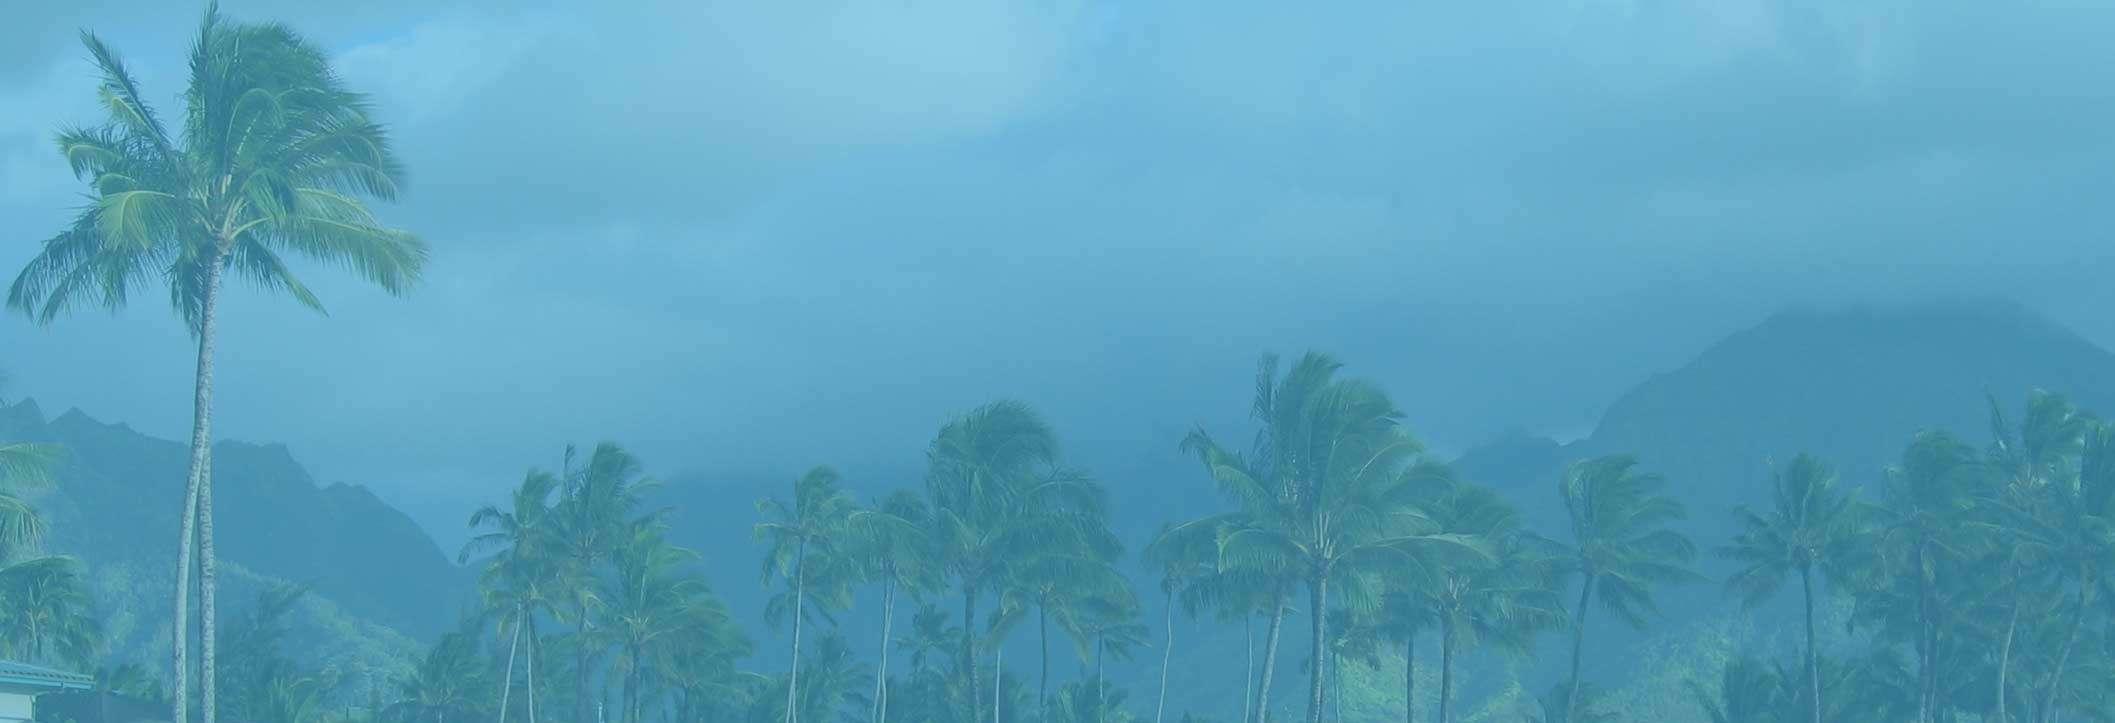 palms-bg-w-overlay-a